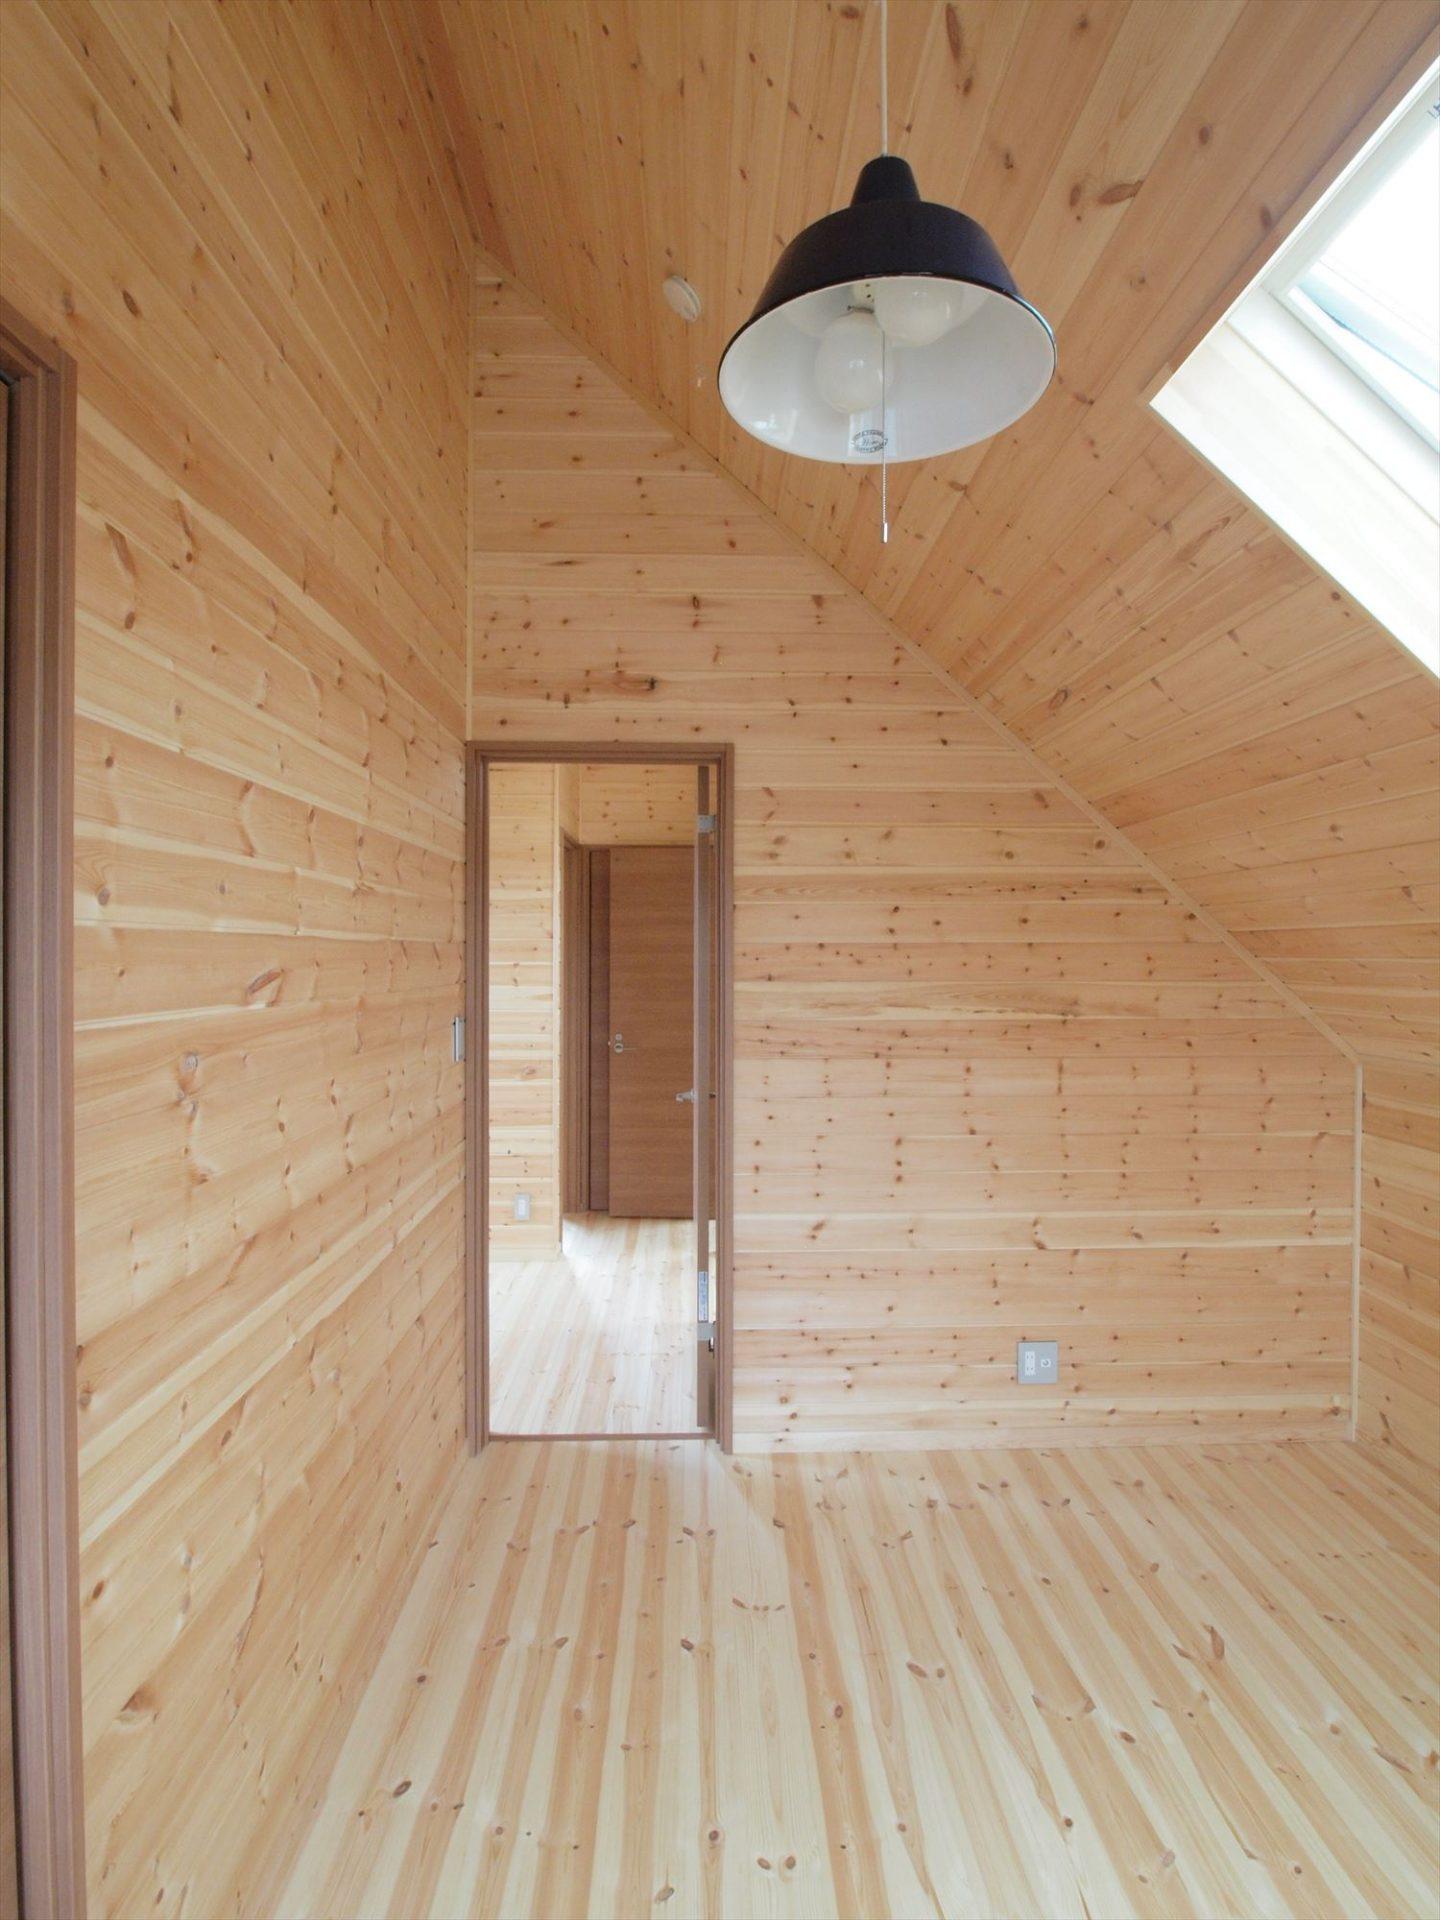 ログハウス風デザイン二階建ての洋室3|つくば市の注文住宅,ログハウスのような木の家を低価格で建てるならエイ・ワン